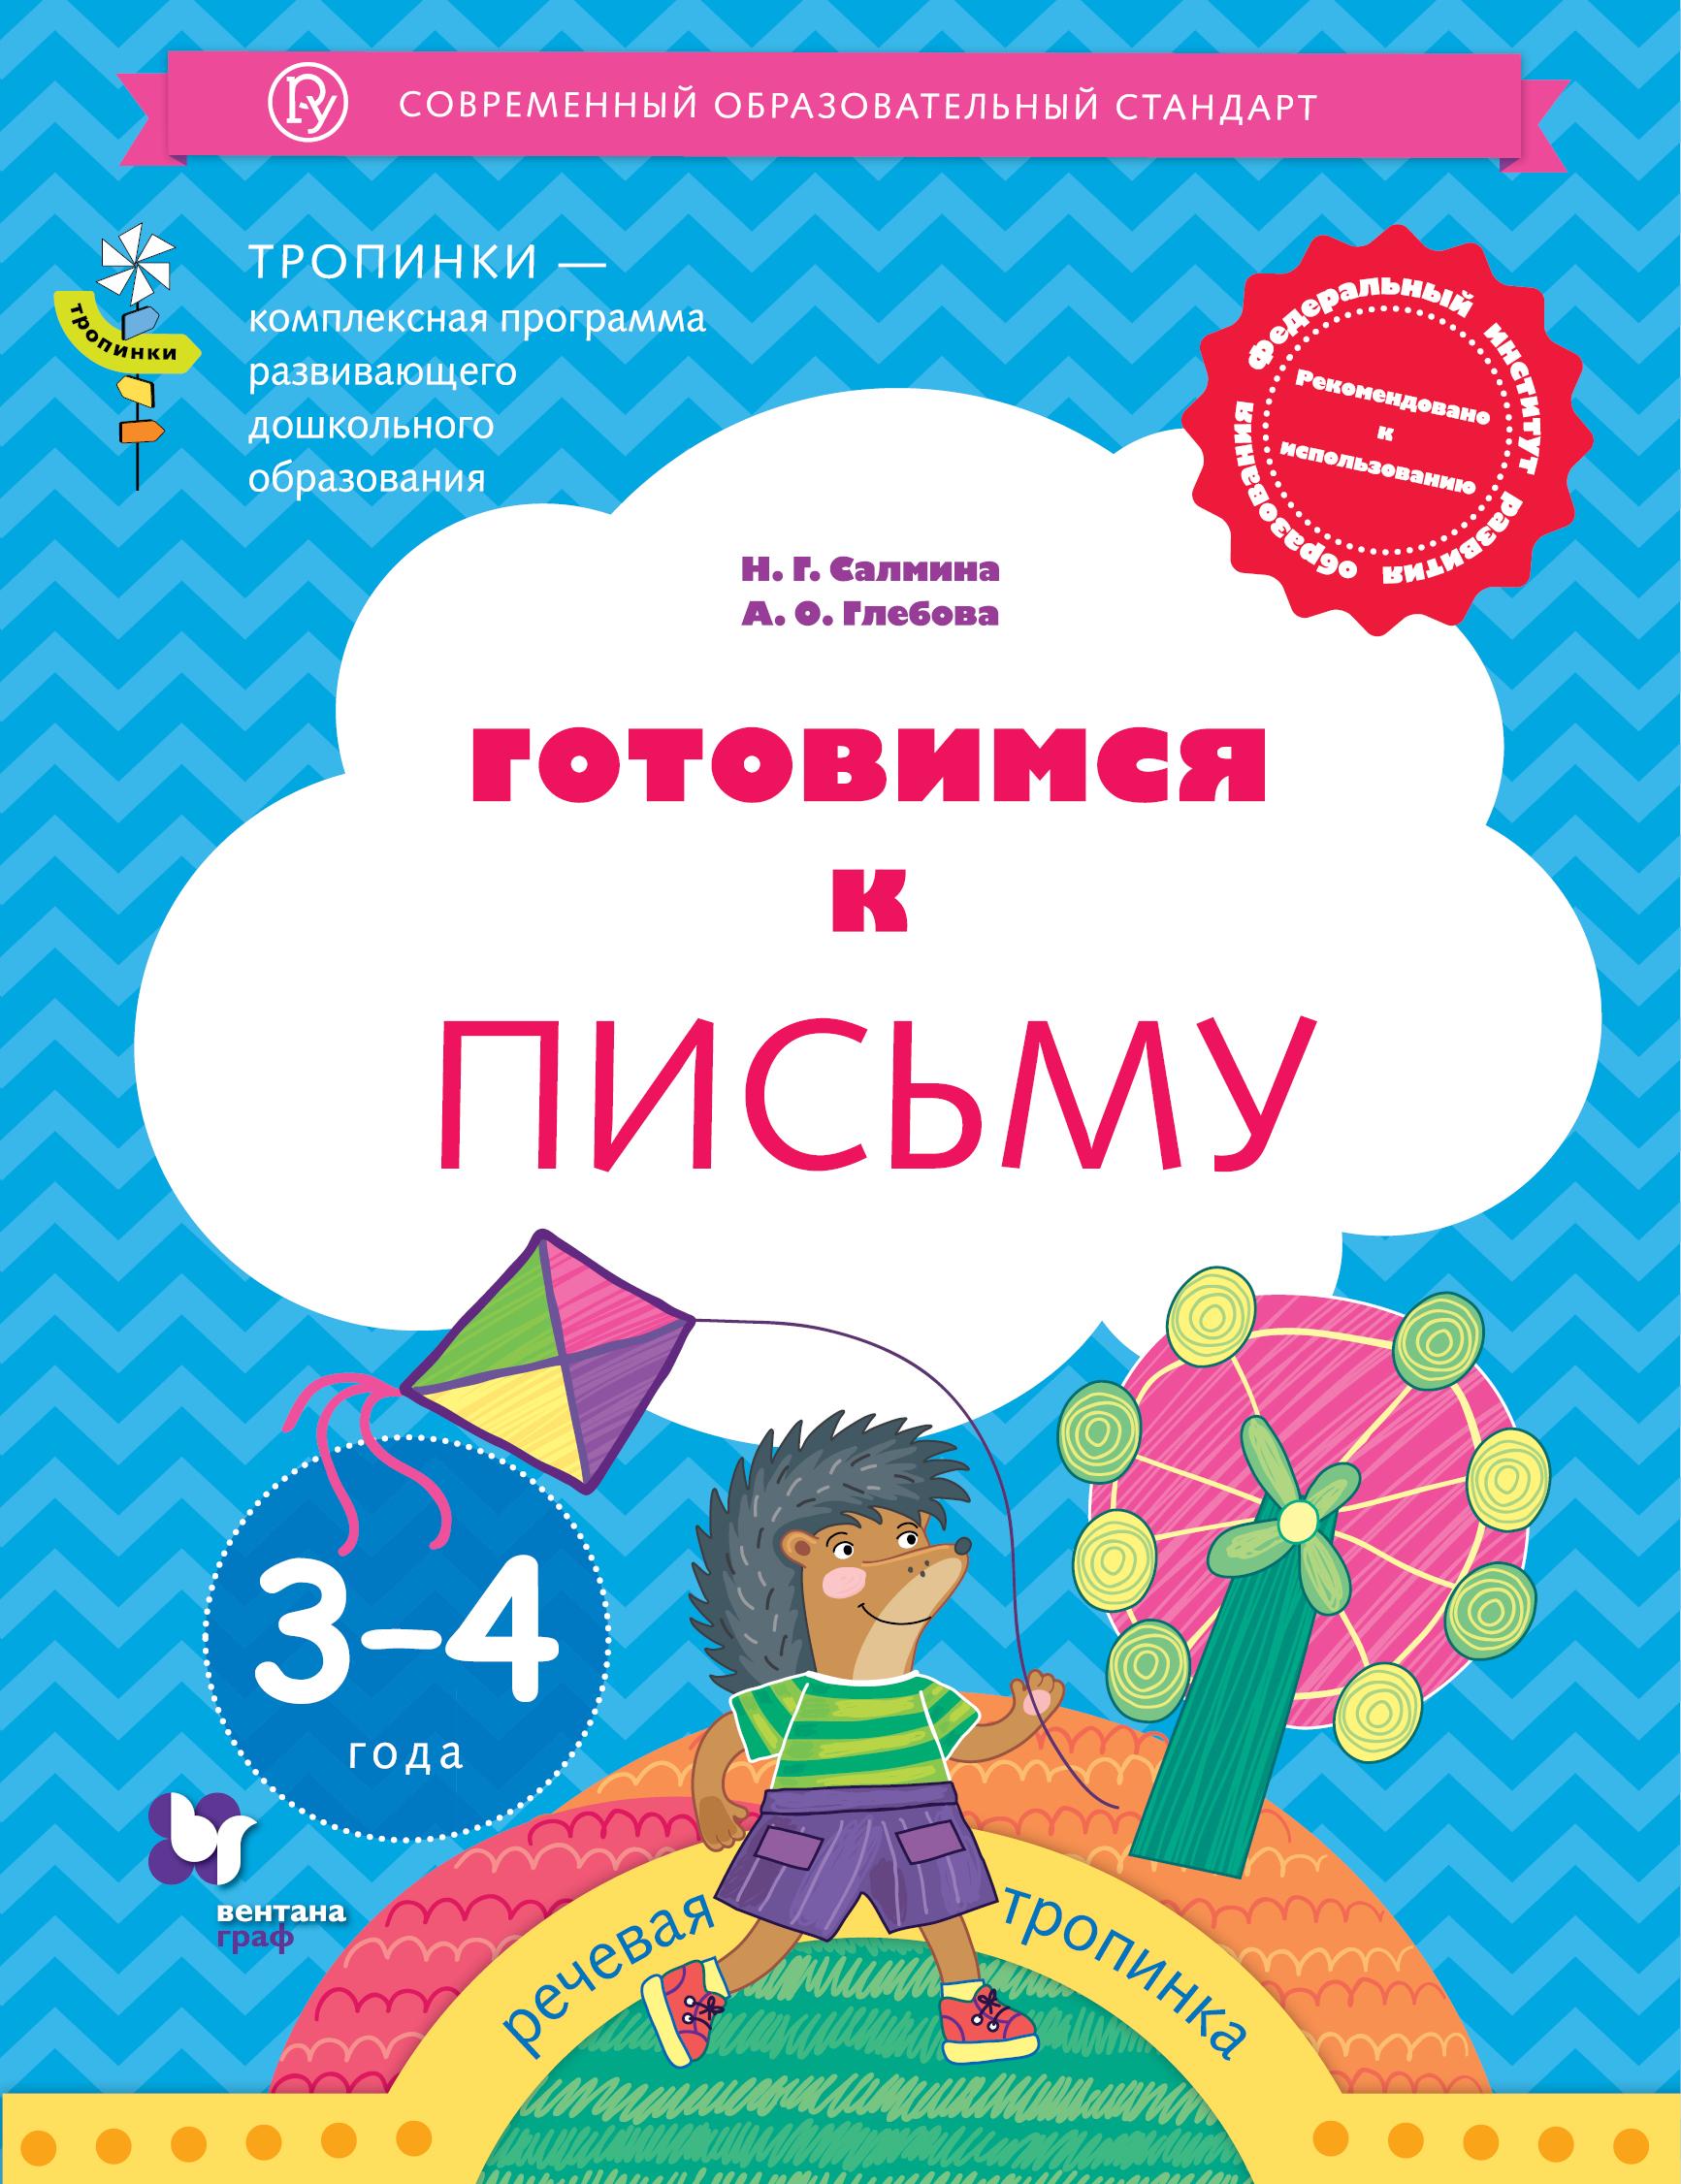 Салмина Н.Г., Глебова А.О. Готовимся к письму. 3-4 года. Дошкольное воспитание. Учебное пособие.